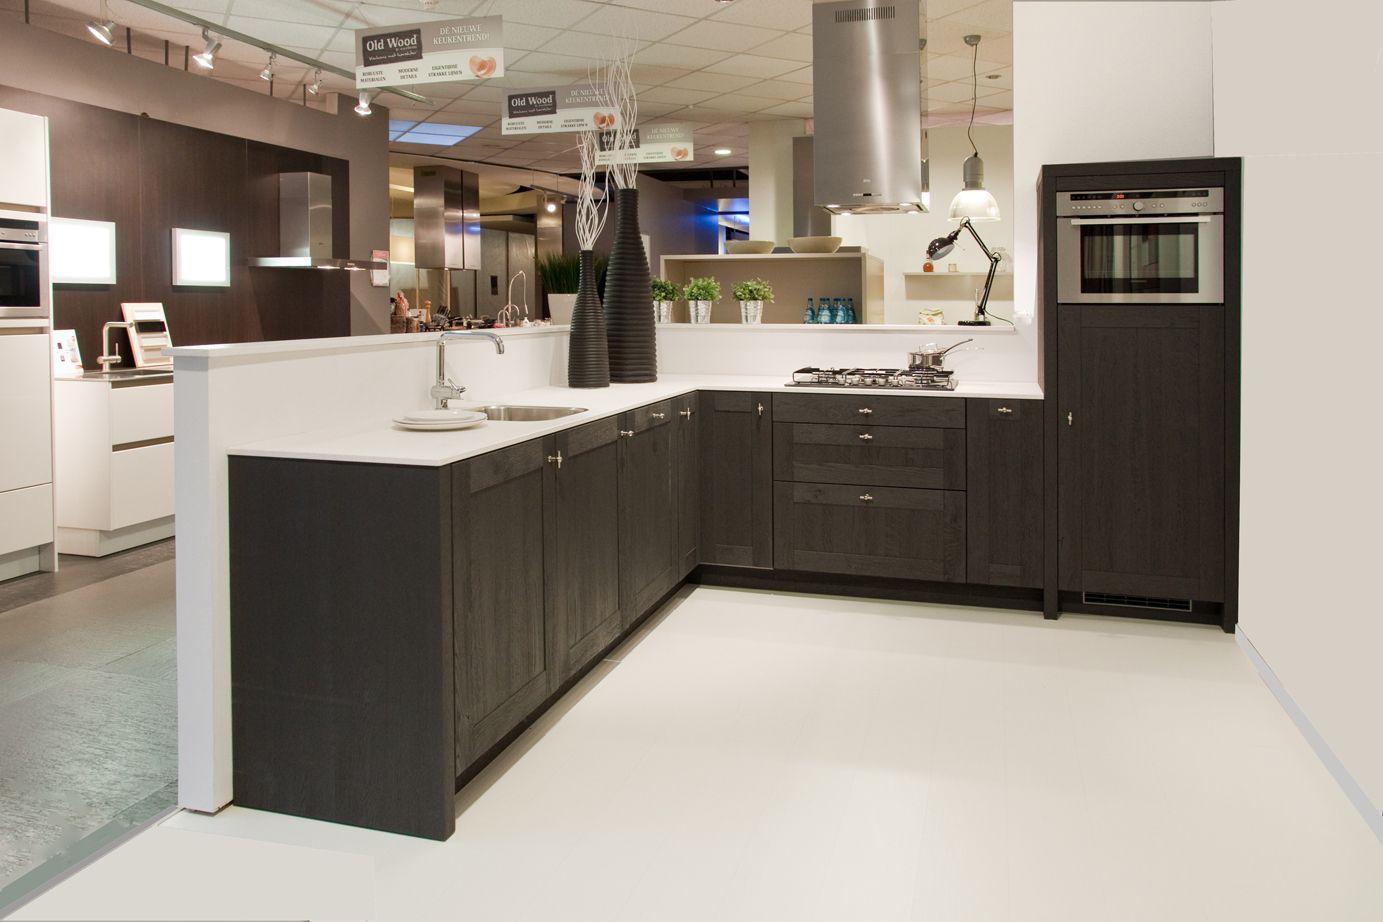 Old wood keuken combineer antraciet met fris wit db keukens keuken pinterest keukens - Kleur grijze leisteen ...